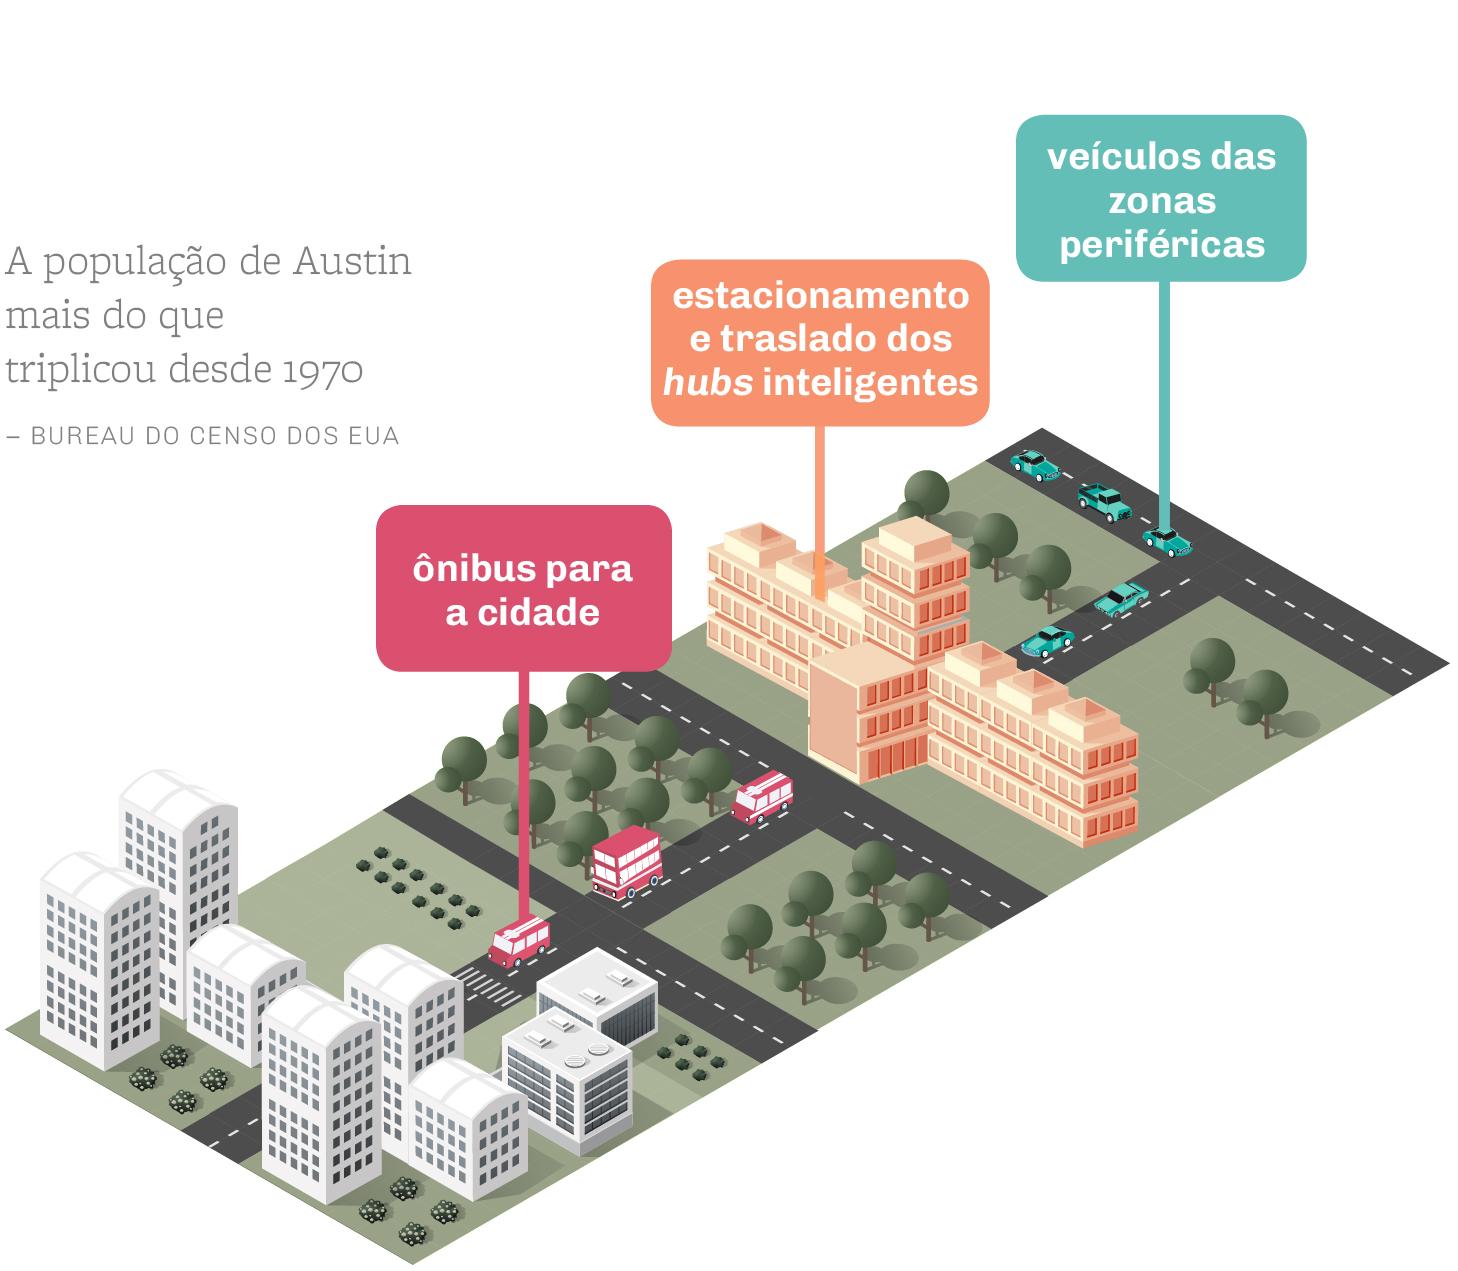 Gráfico mostra sistemas de transporte propostos pela cidade de Austin (Shutterstock /Depto. de Estado/J. Maruszewski)